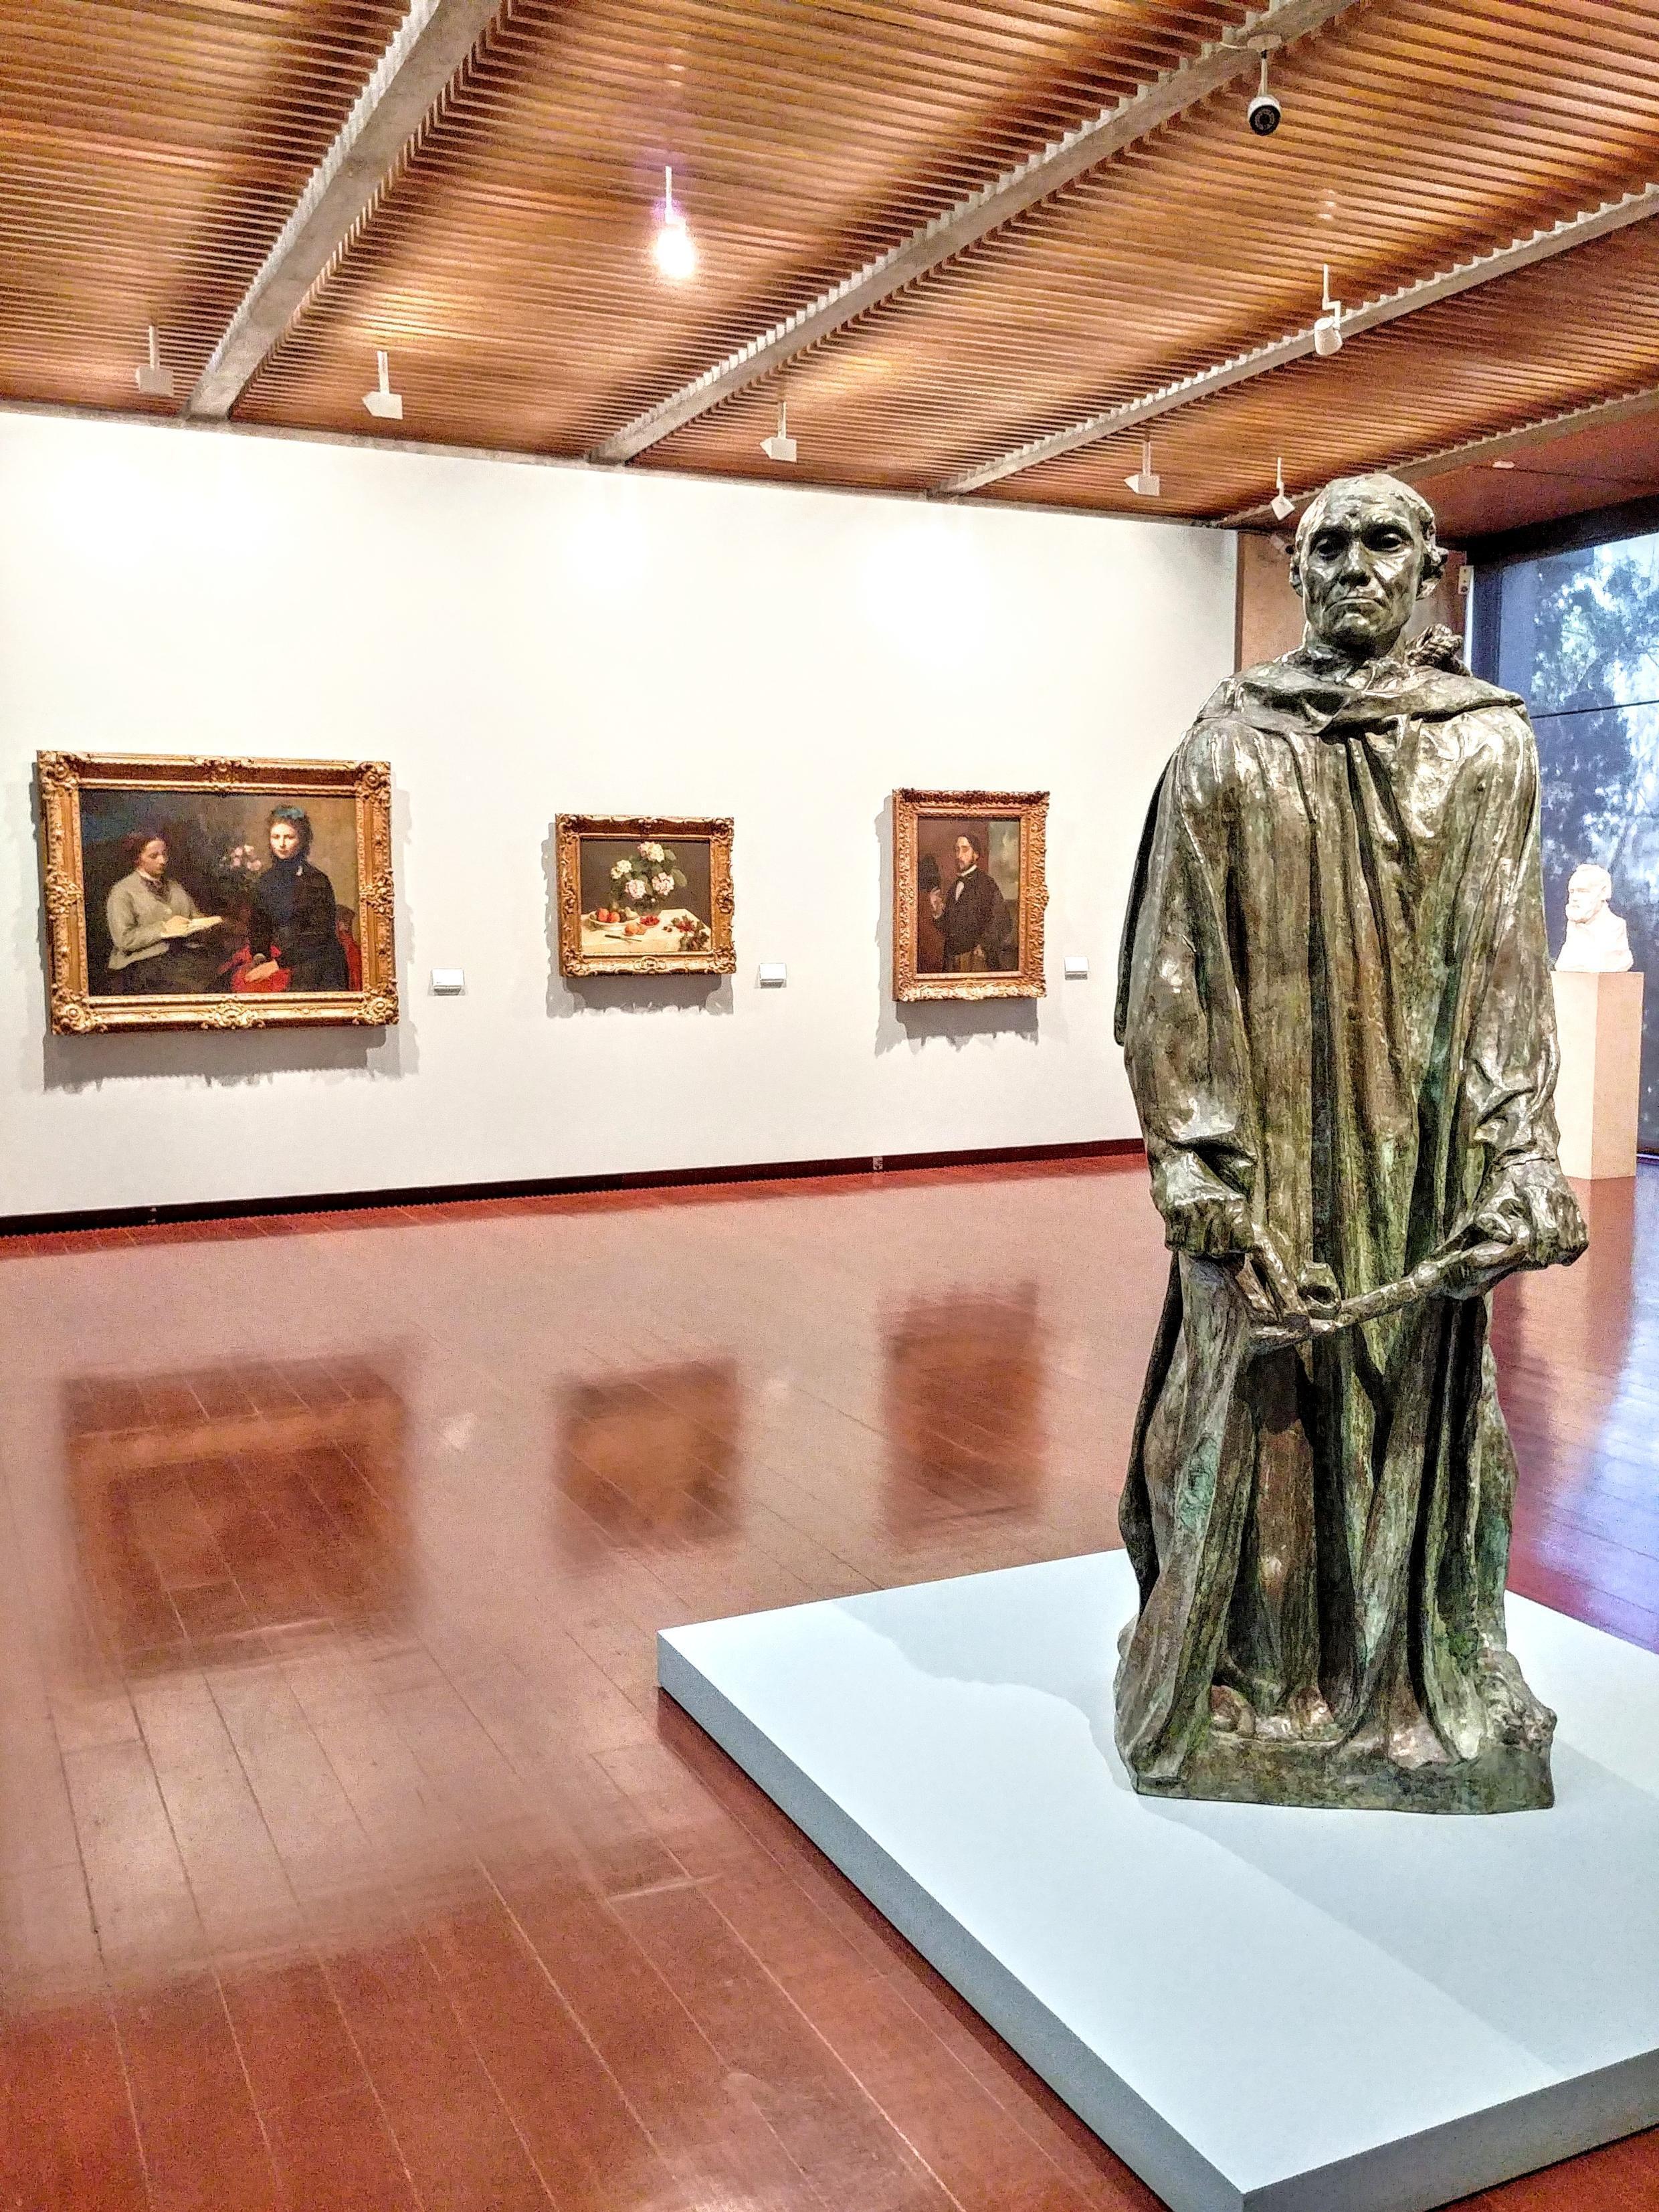 Pho tượng của Rodin đứng giữa phòng trưng bày trường phái ấn tượng